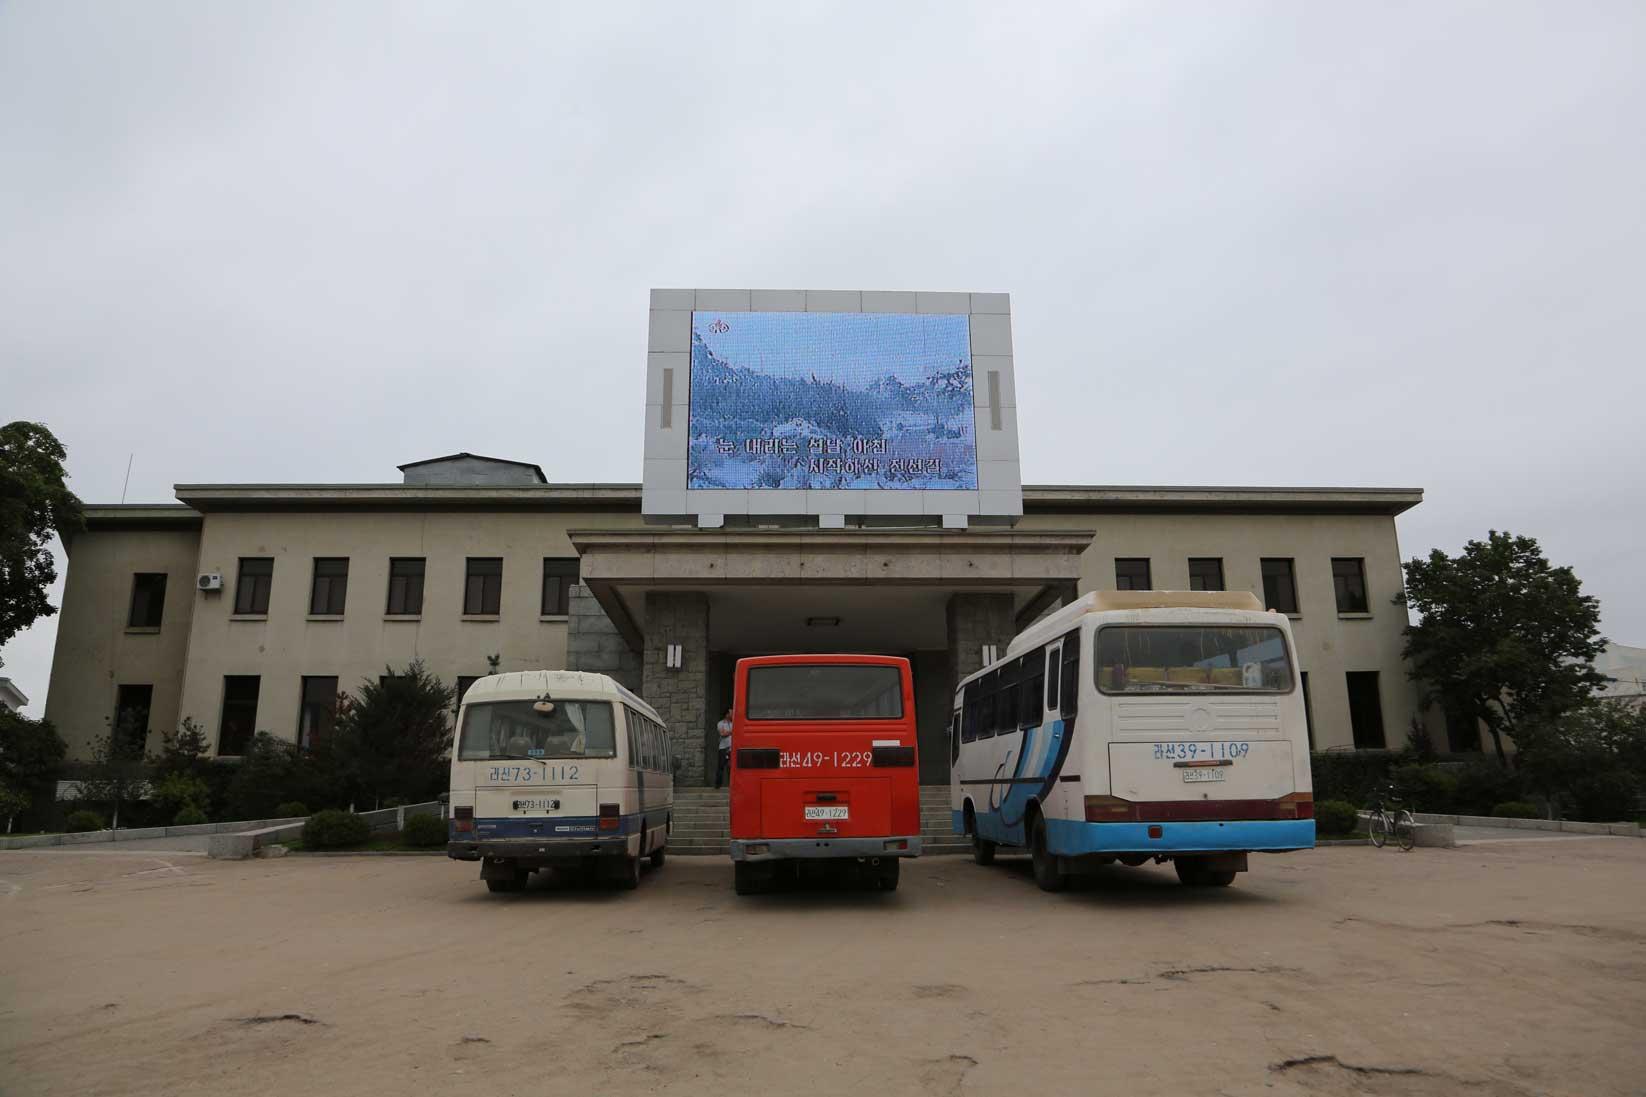 金日成の別荘(琵琶旅館)と旧羅津ヤマトホテル(南山旅館)_b0235153_9421670.jpg